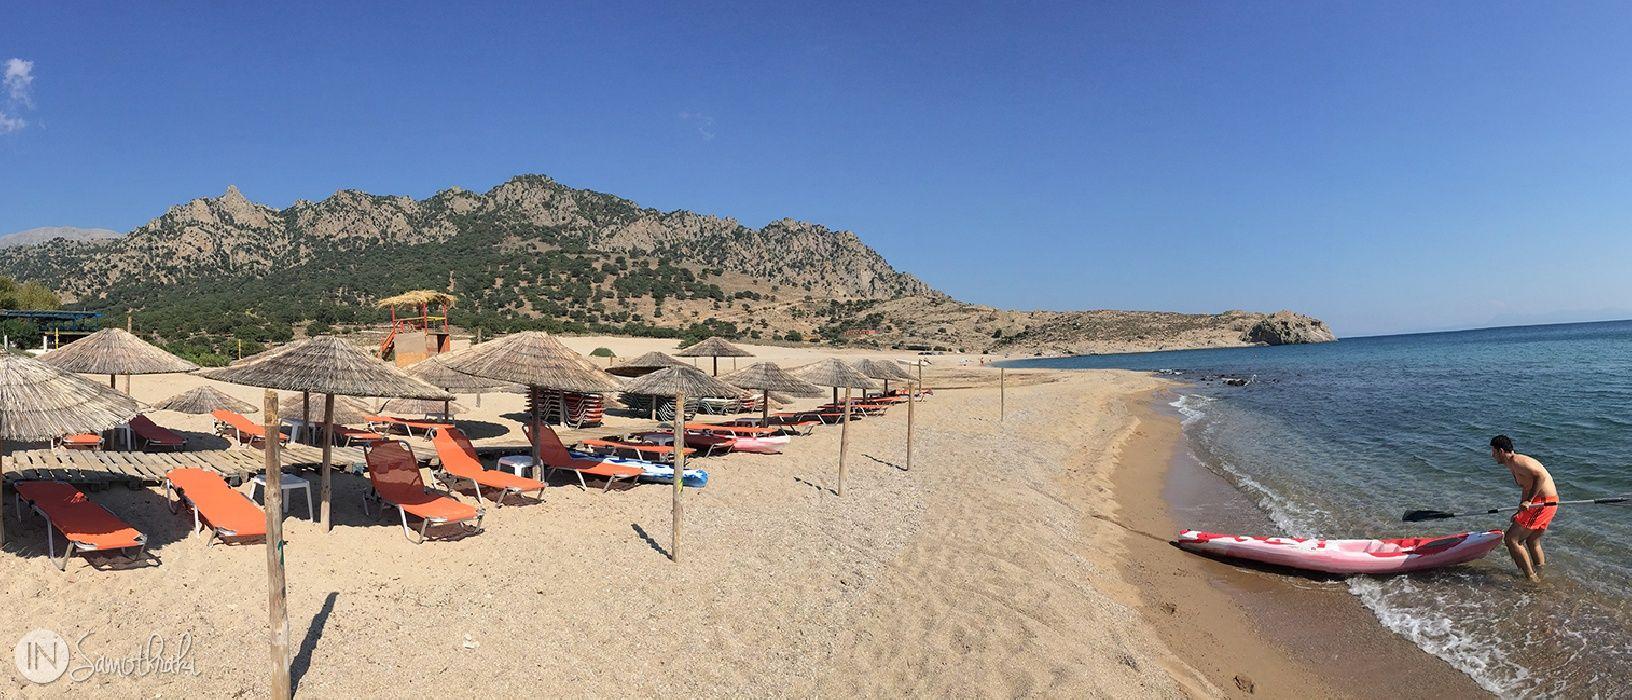 Plaja Pachia Ammos - Samothraki